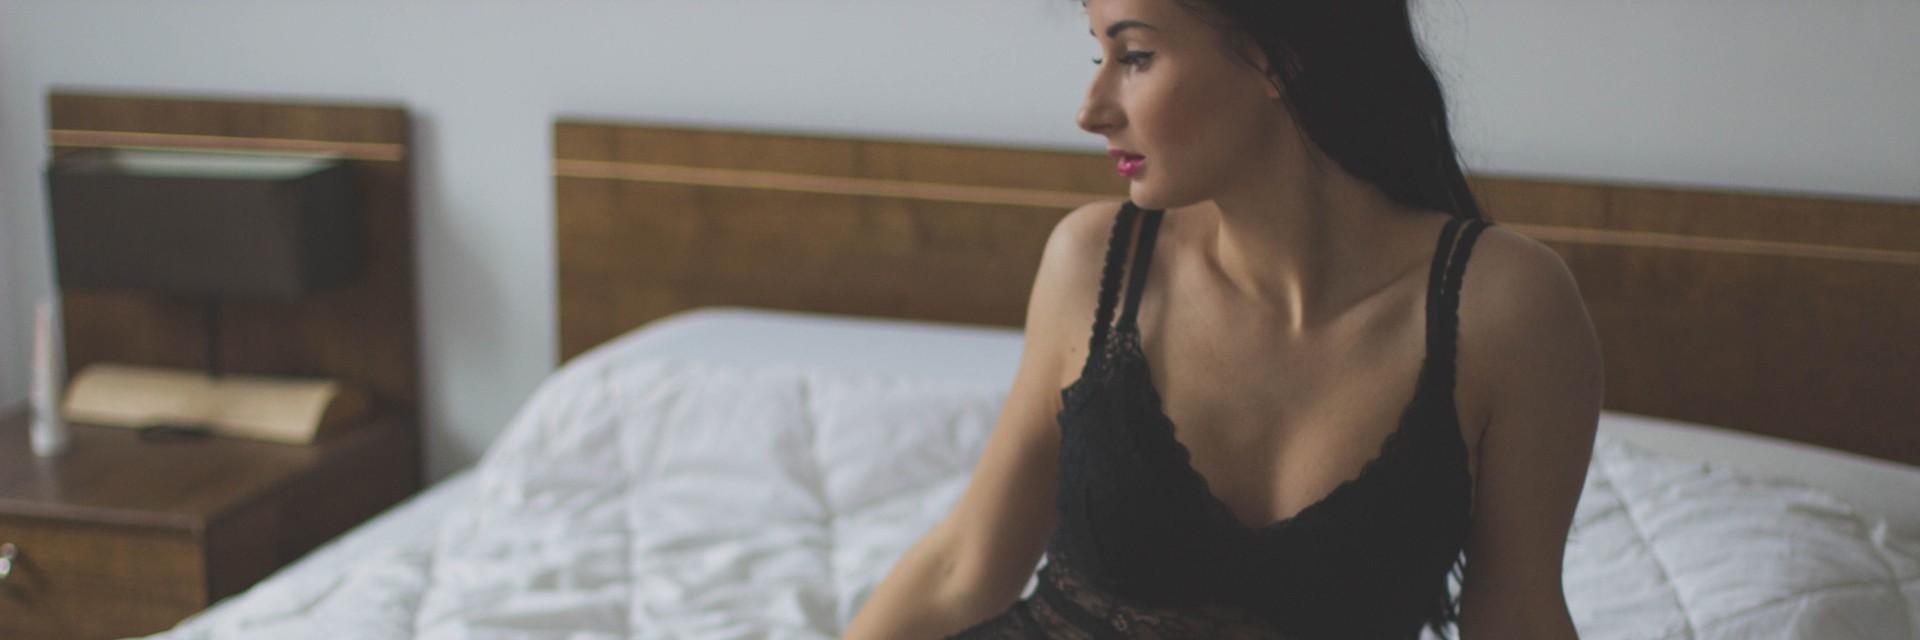 private Sexkontakte ohne Verbindlichkeiten